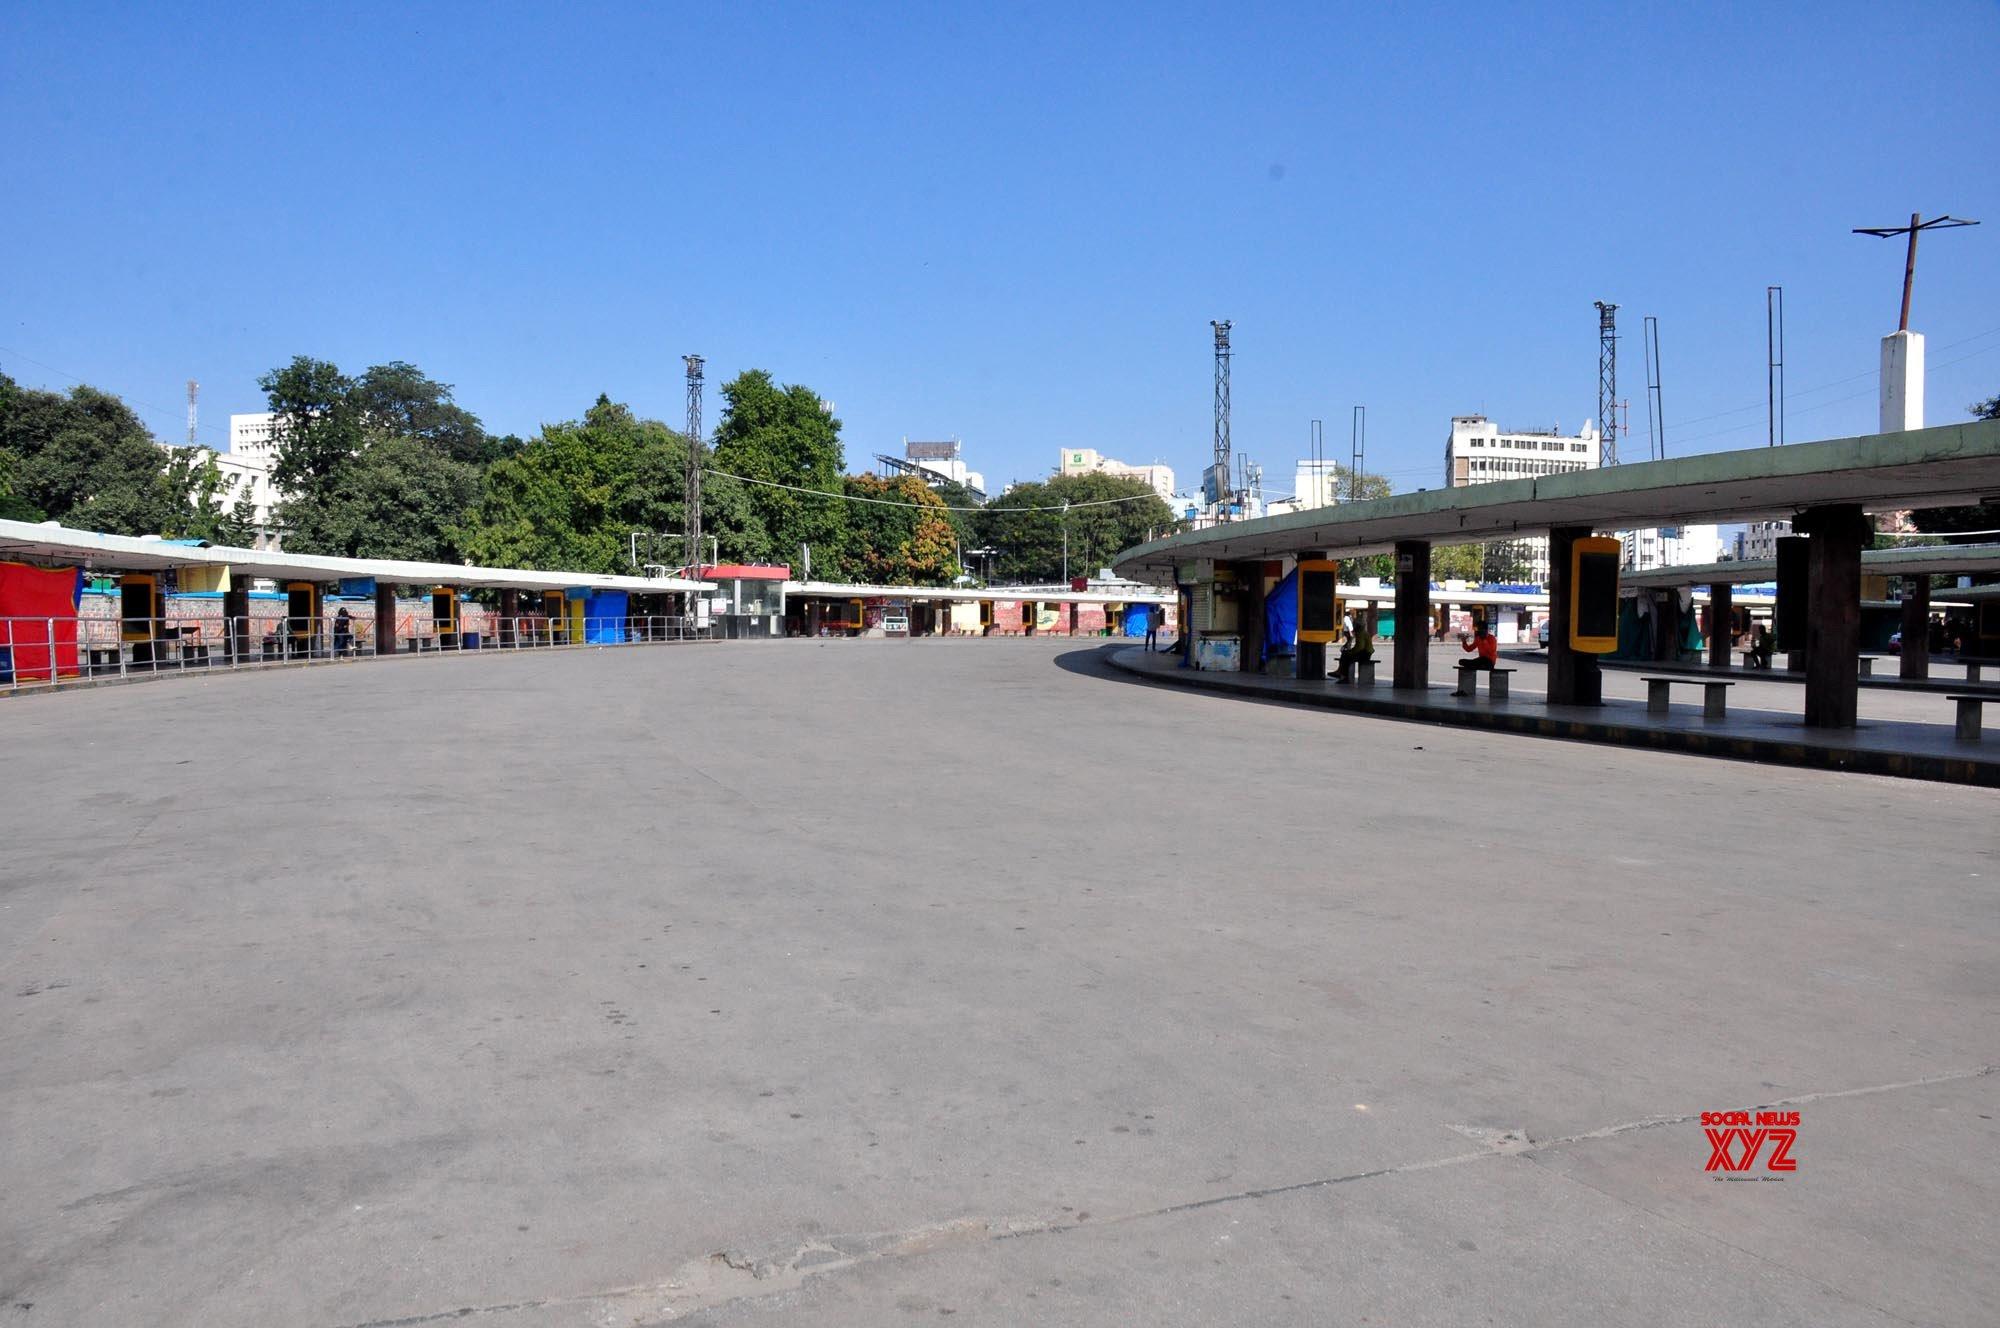 K'taka govt's 'inefficiency' behind transport workers' strike: Siddaramaiah